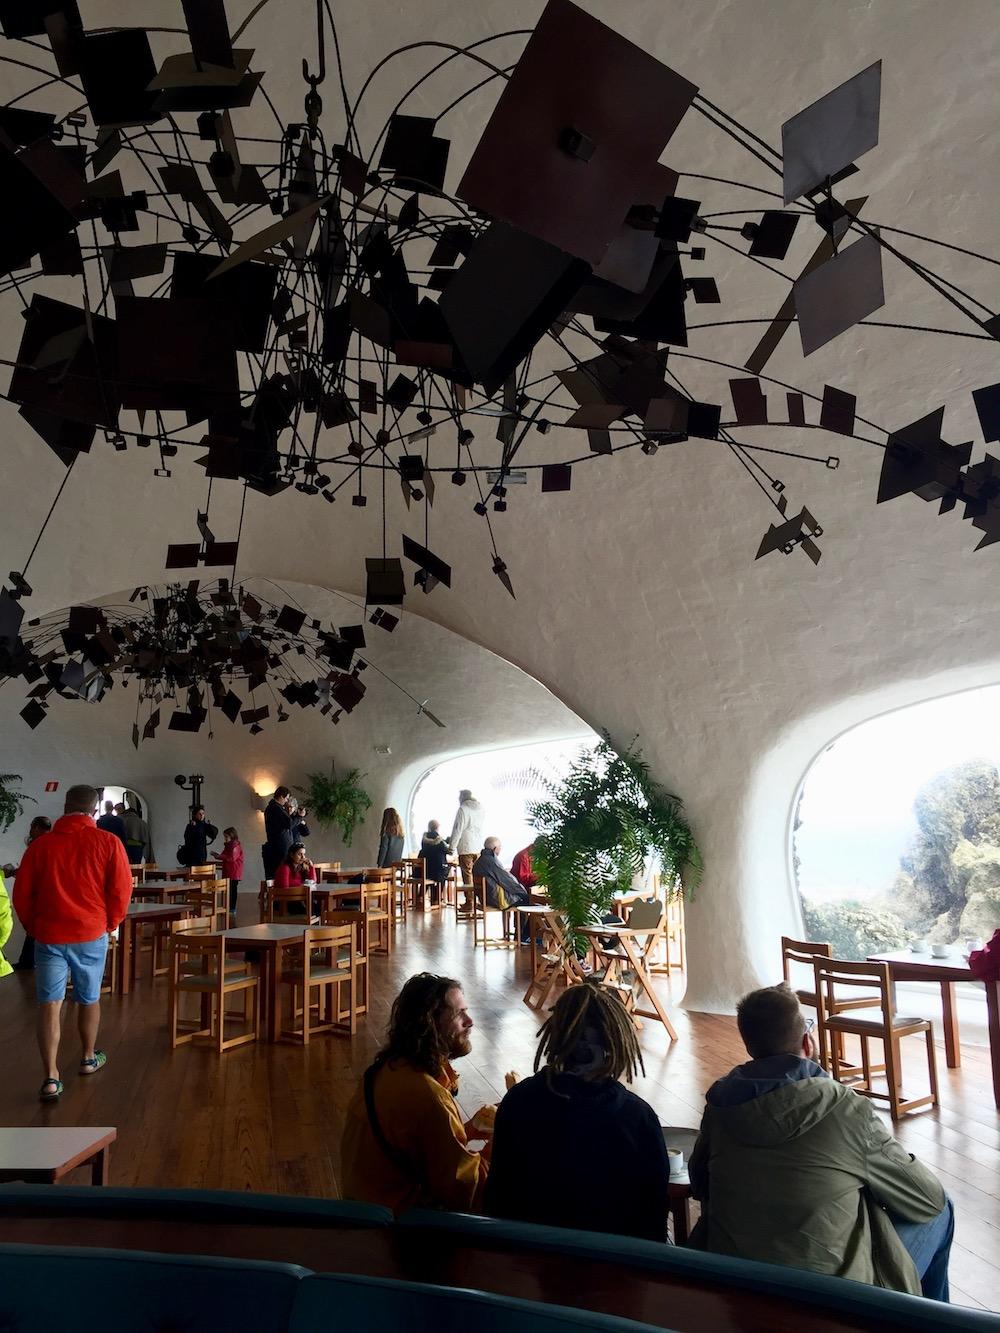 Vom lanzarotenischen Künstler César Manrique entworfenes Café mit massivem Kunstwerk unter der Decke